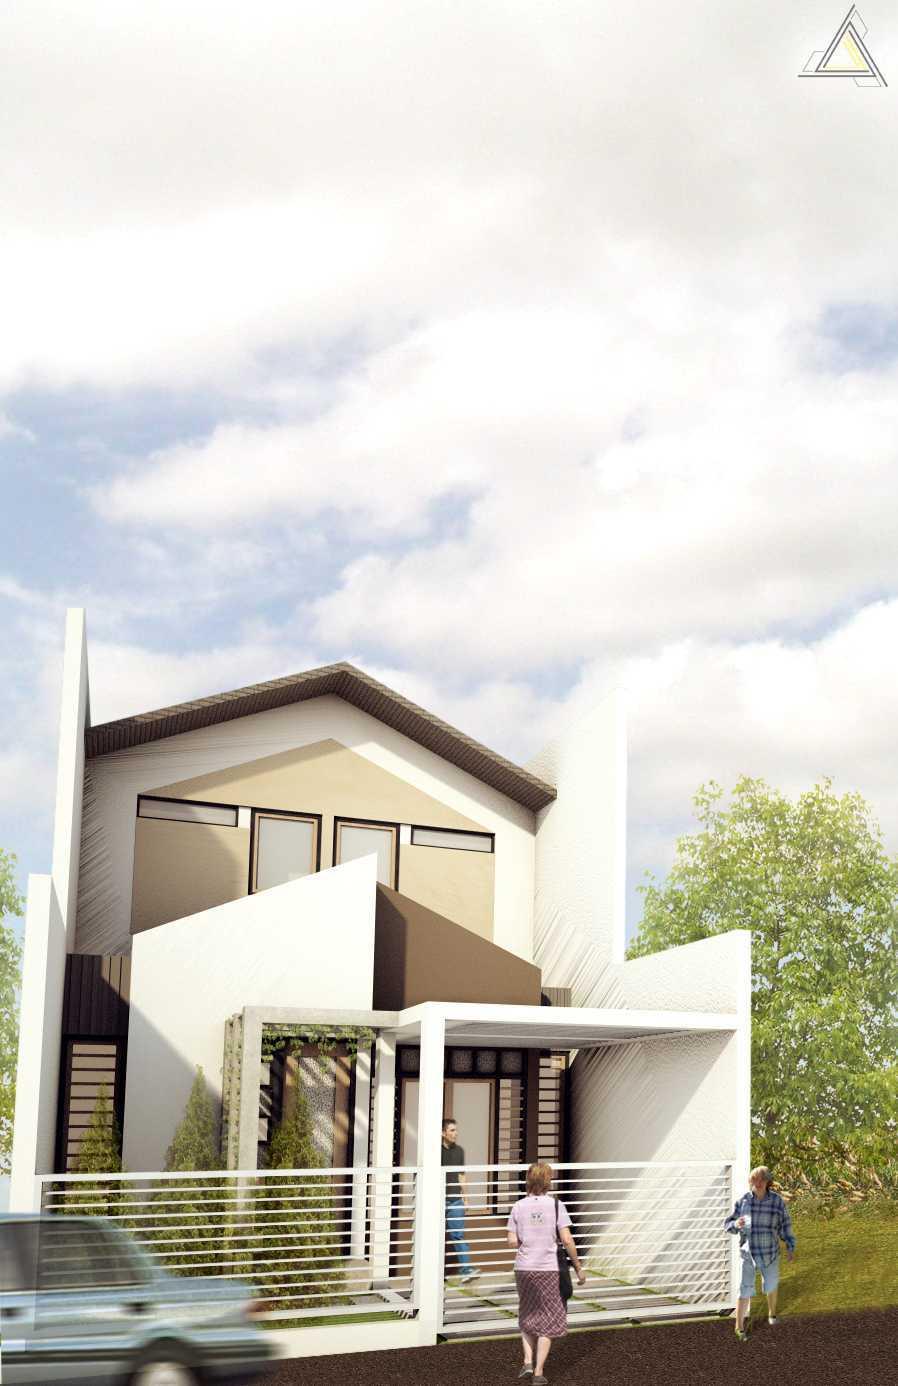 Dap Studio Rumah Bsd Tangerang Tangerang Front View   20927